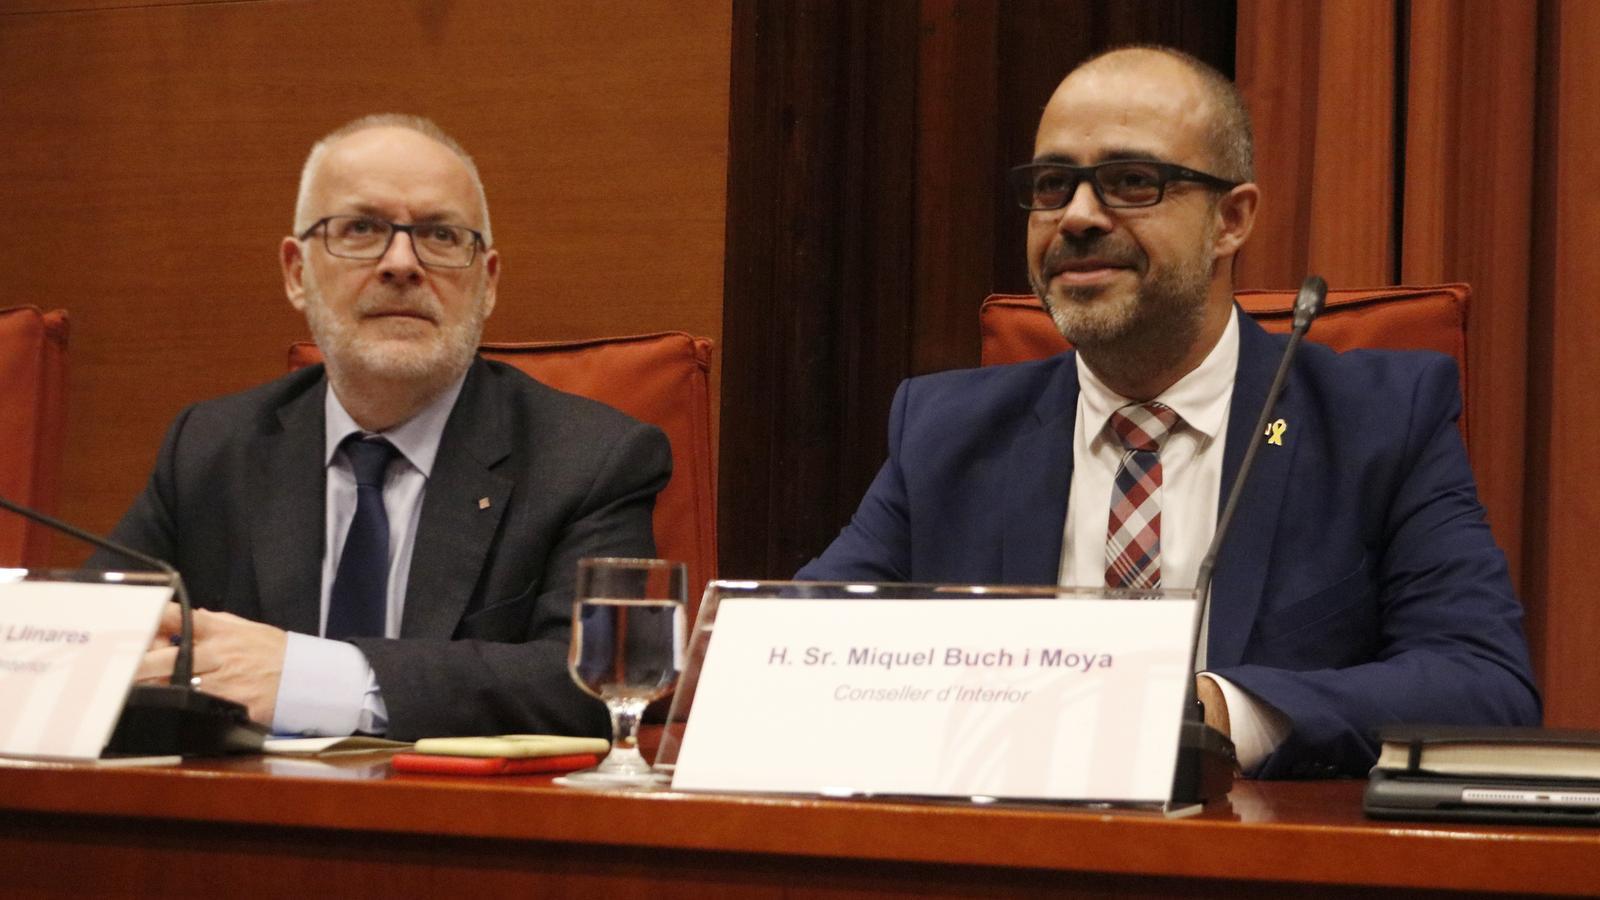 El secretari general d'Interior, Brauli Duart, i el conseller, Miquel Buch, a la comissió